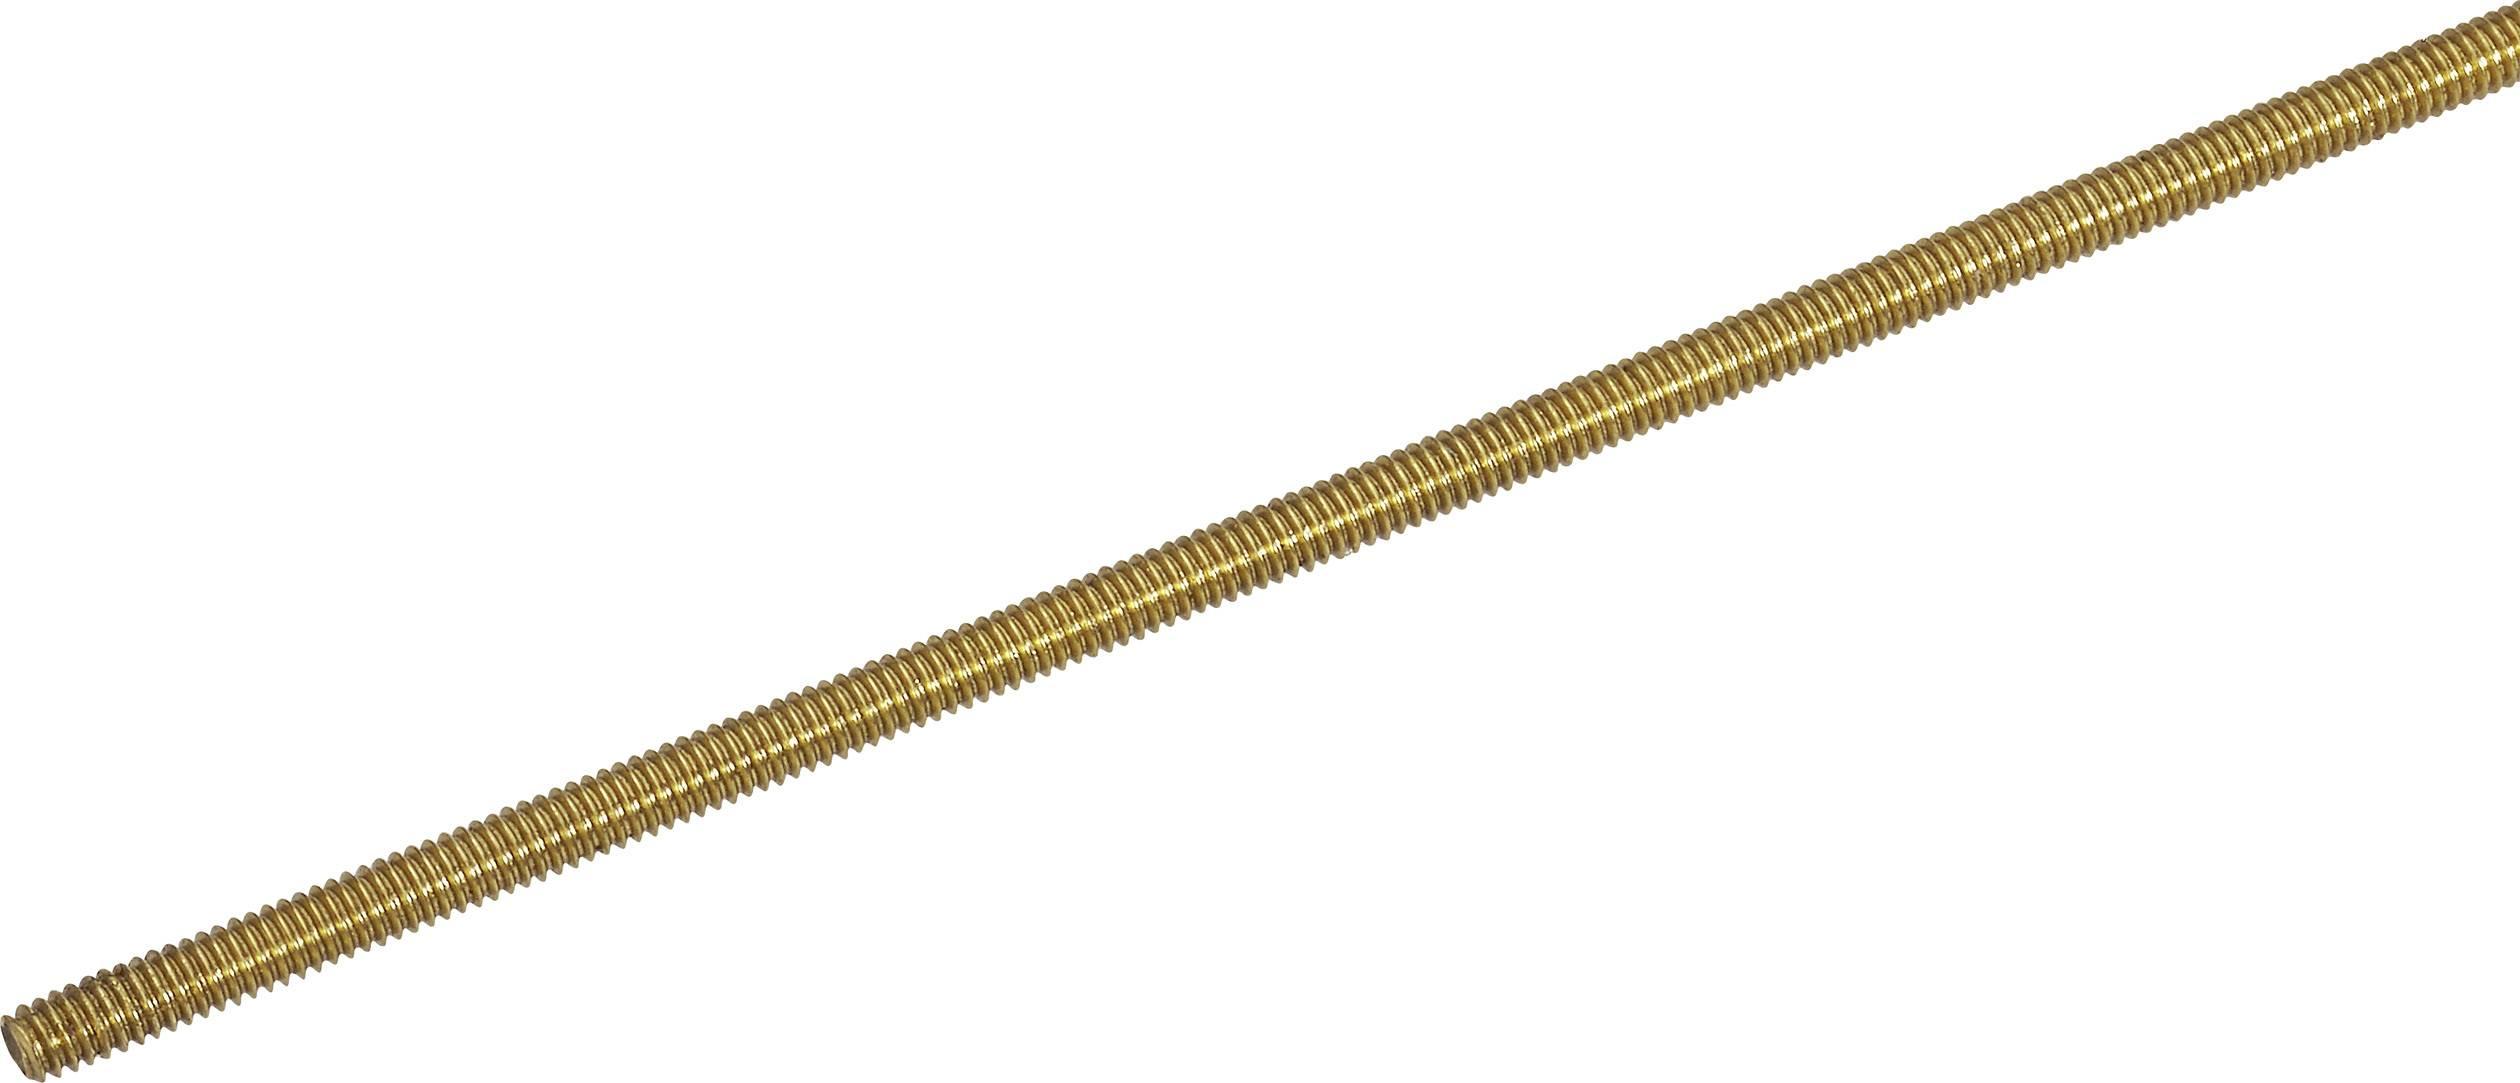 Závitová tyč Reely 297976 M2, 500 mm, mosadz, 1 ks